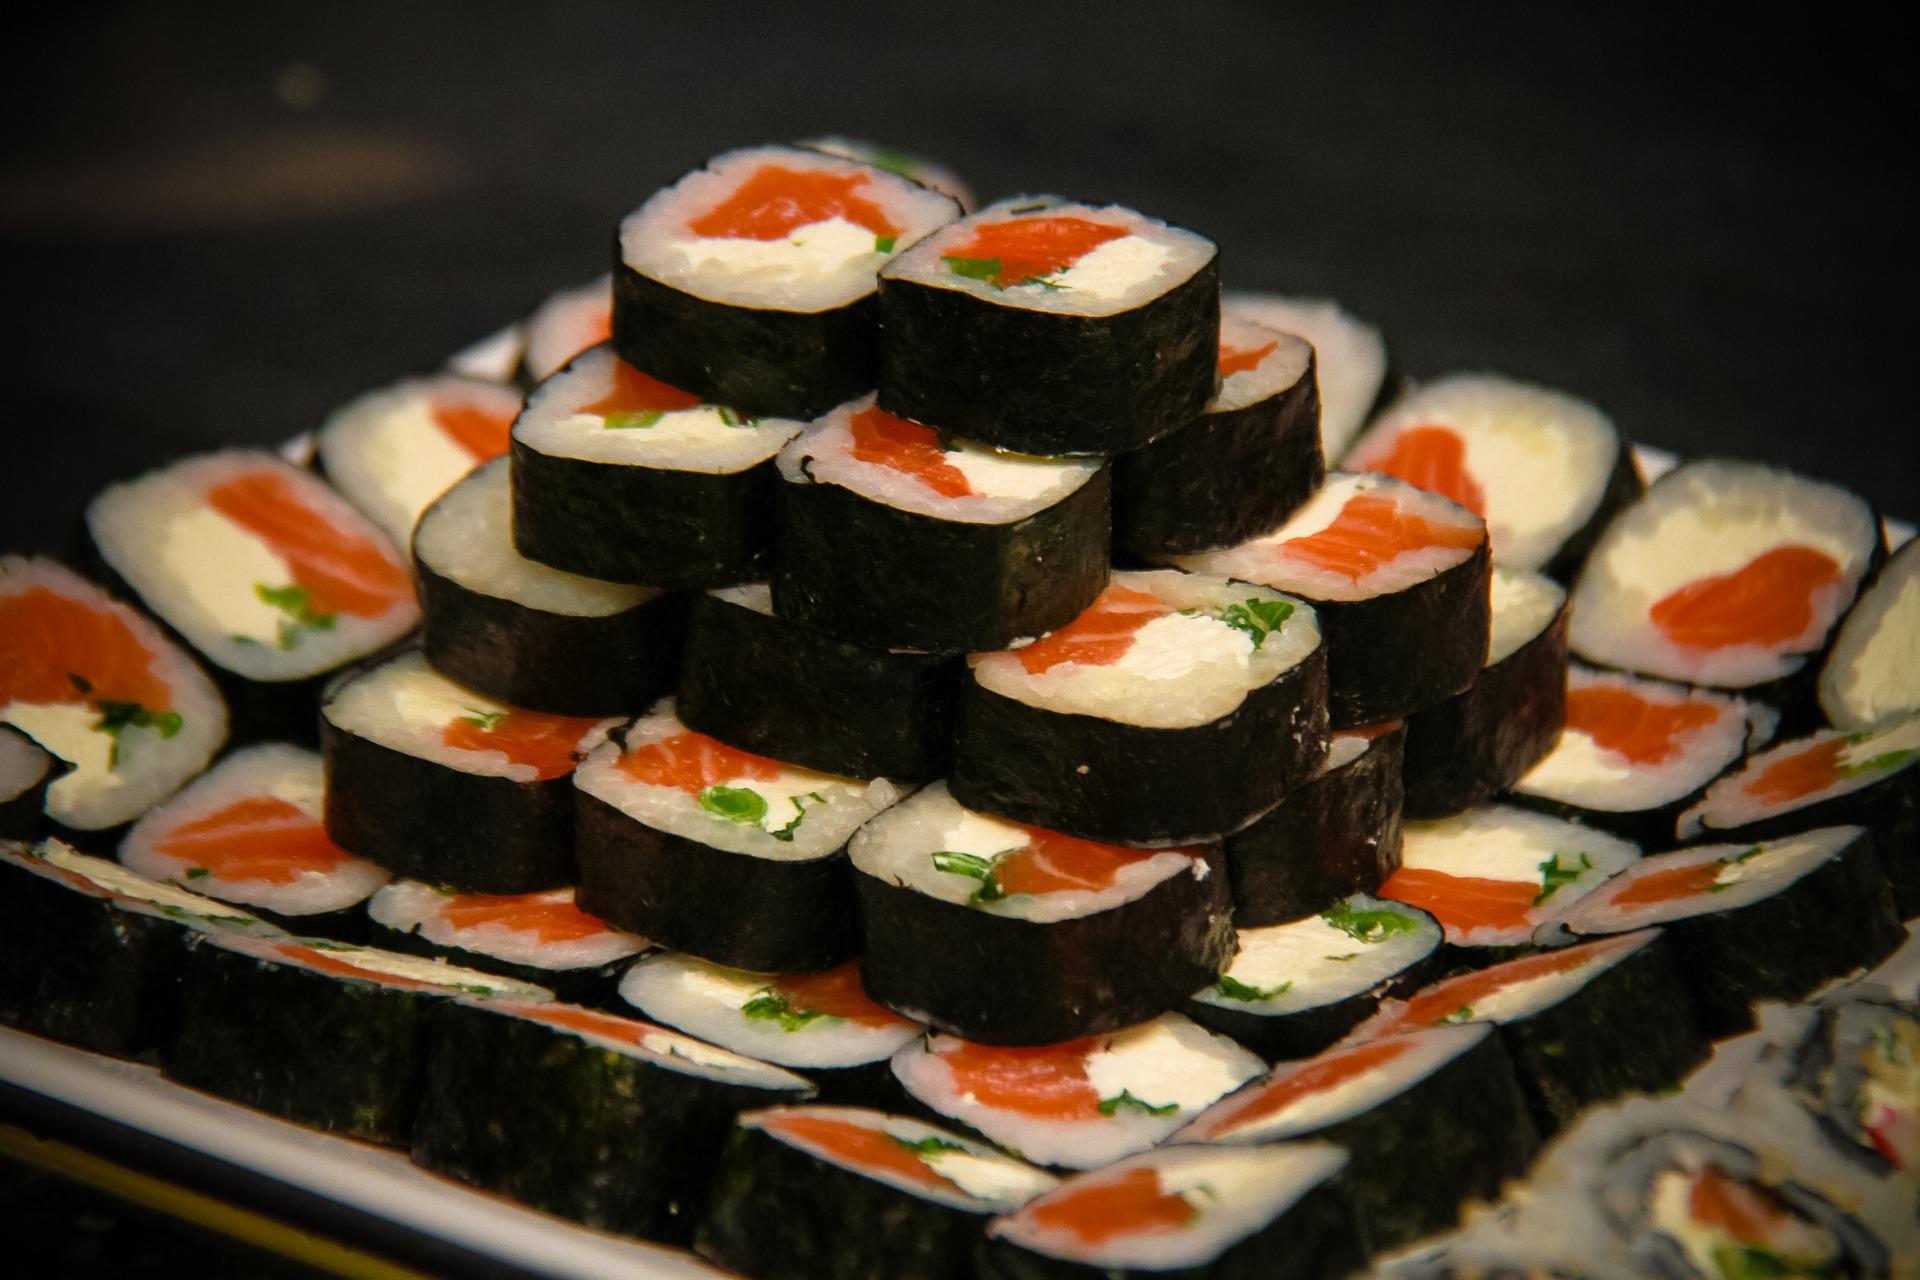 Na imagem há um prato contendo uma pirâmide de sushi.